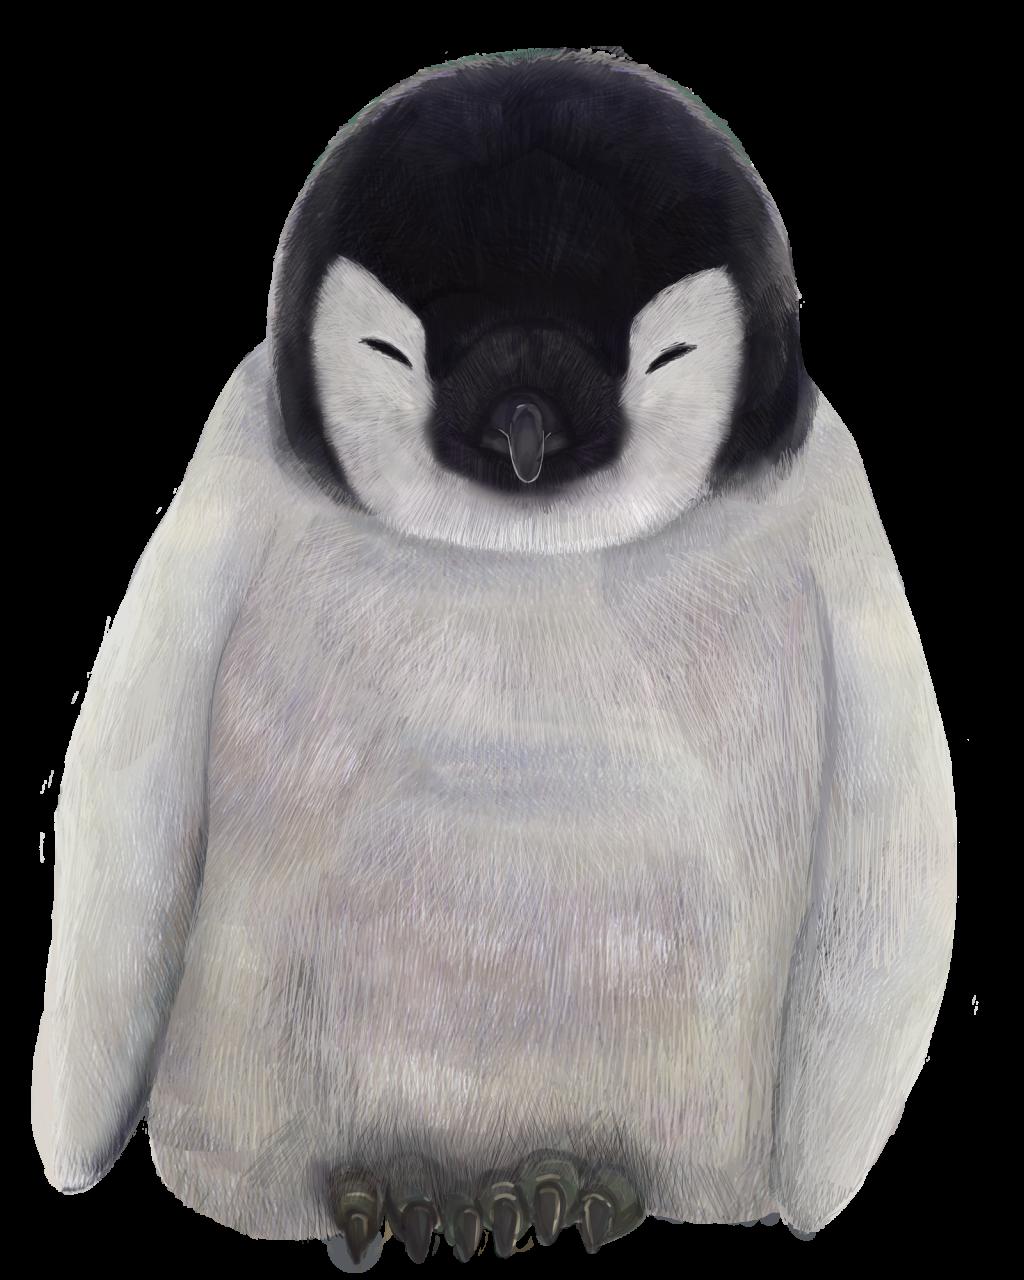 寝ているペンギンの赤ちゃんのイラスト